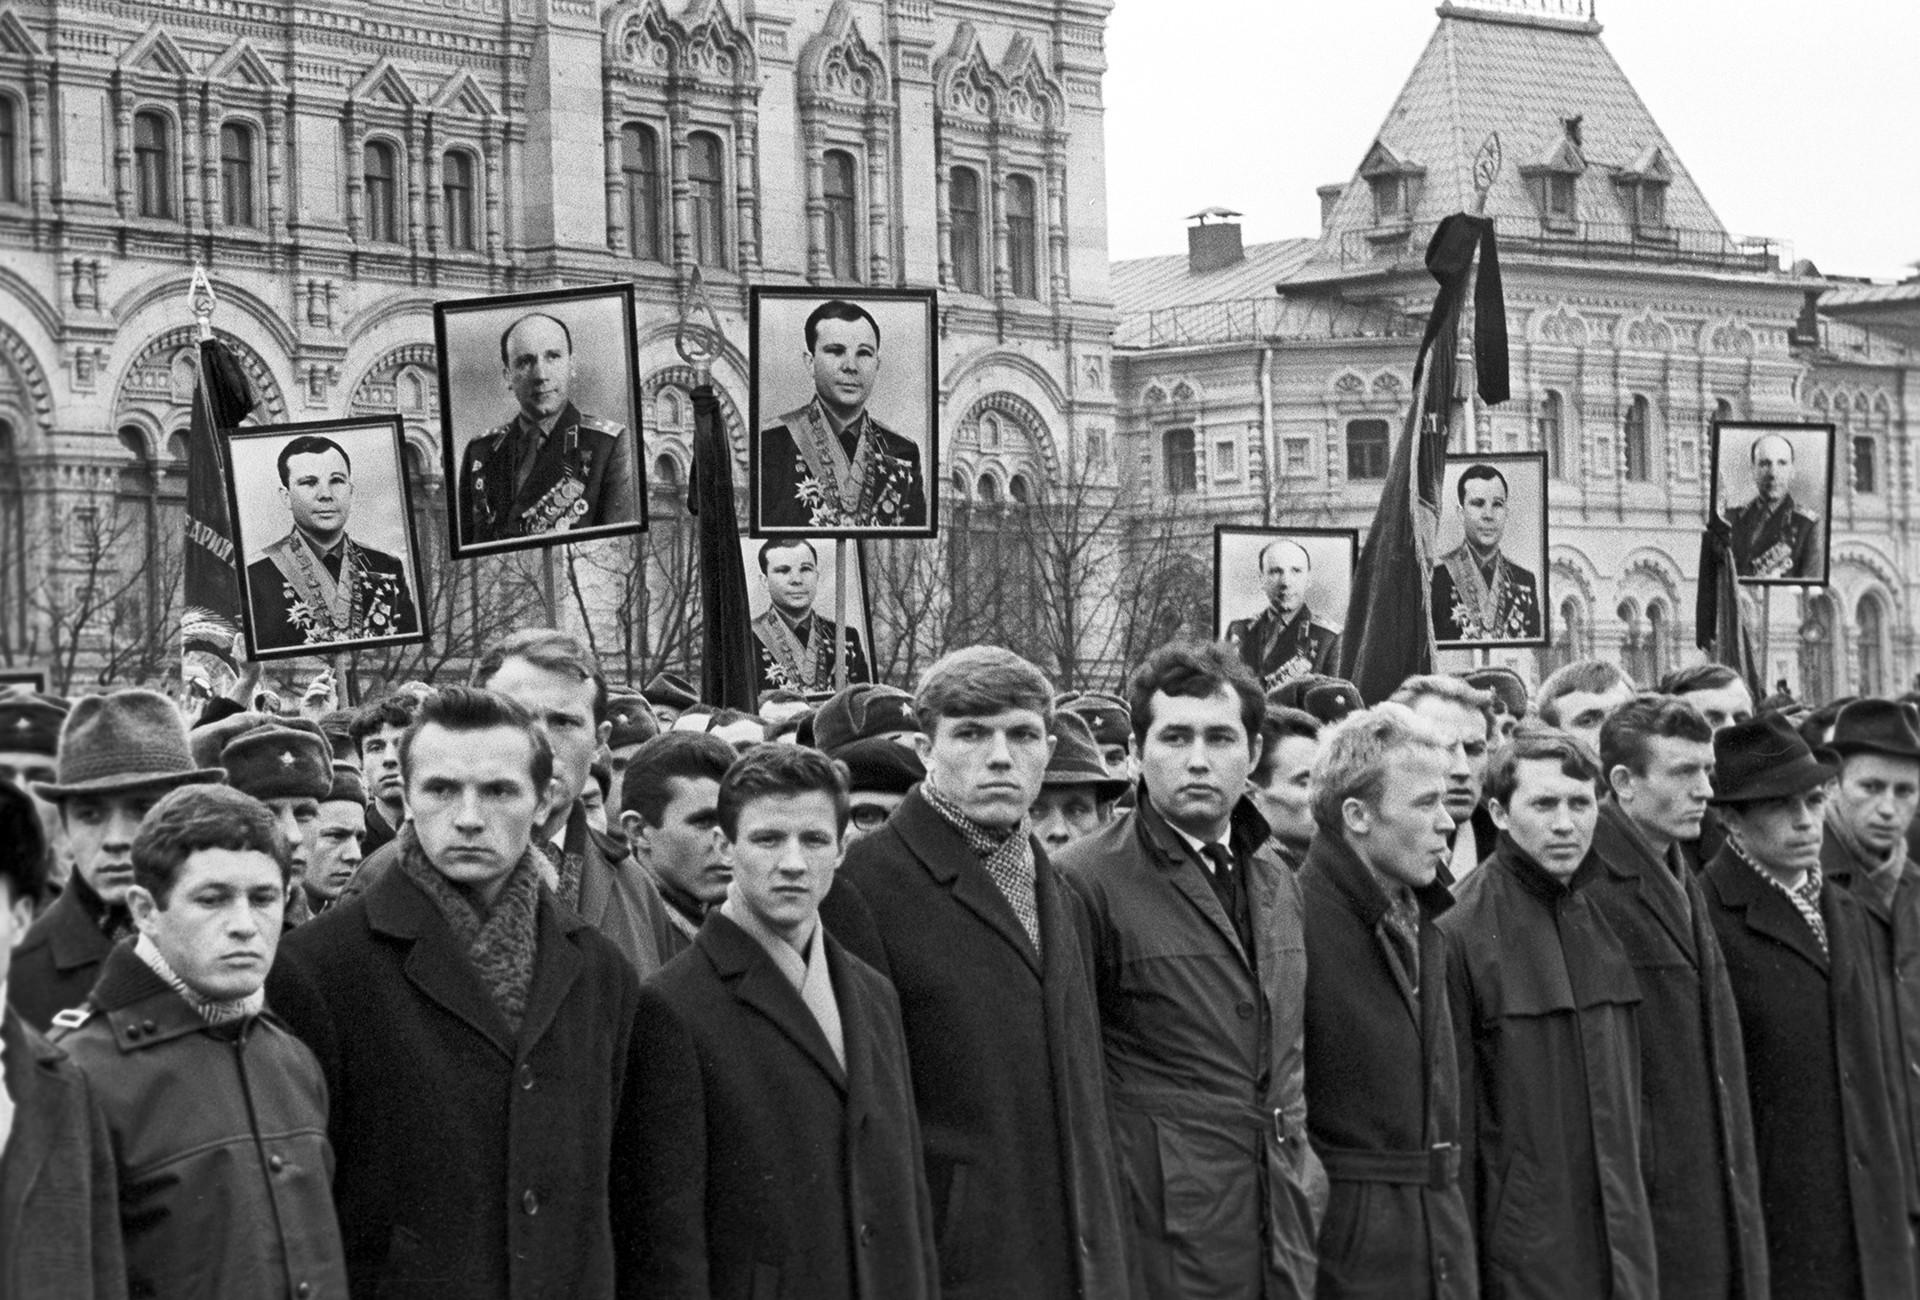 Masyarakat berkumpul di Lapangan Merah berduka cita atas kematian Gagarin.